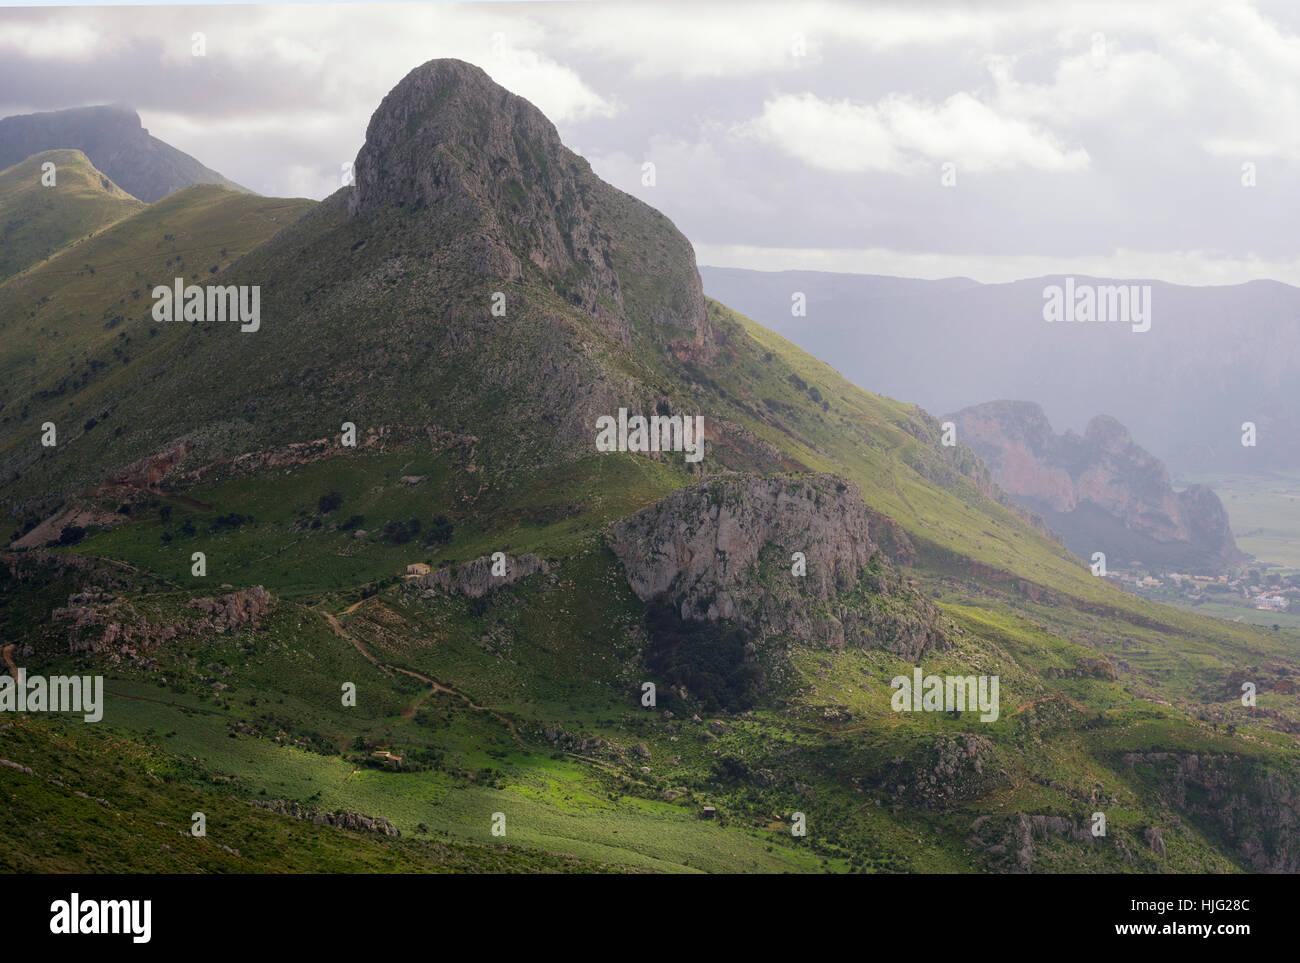 Paesaggio di montagna, San Vito lo Capo, Sicilia, Italia Immagini Stock